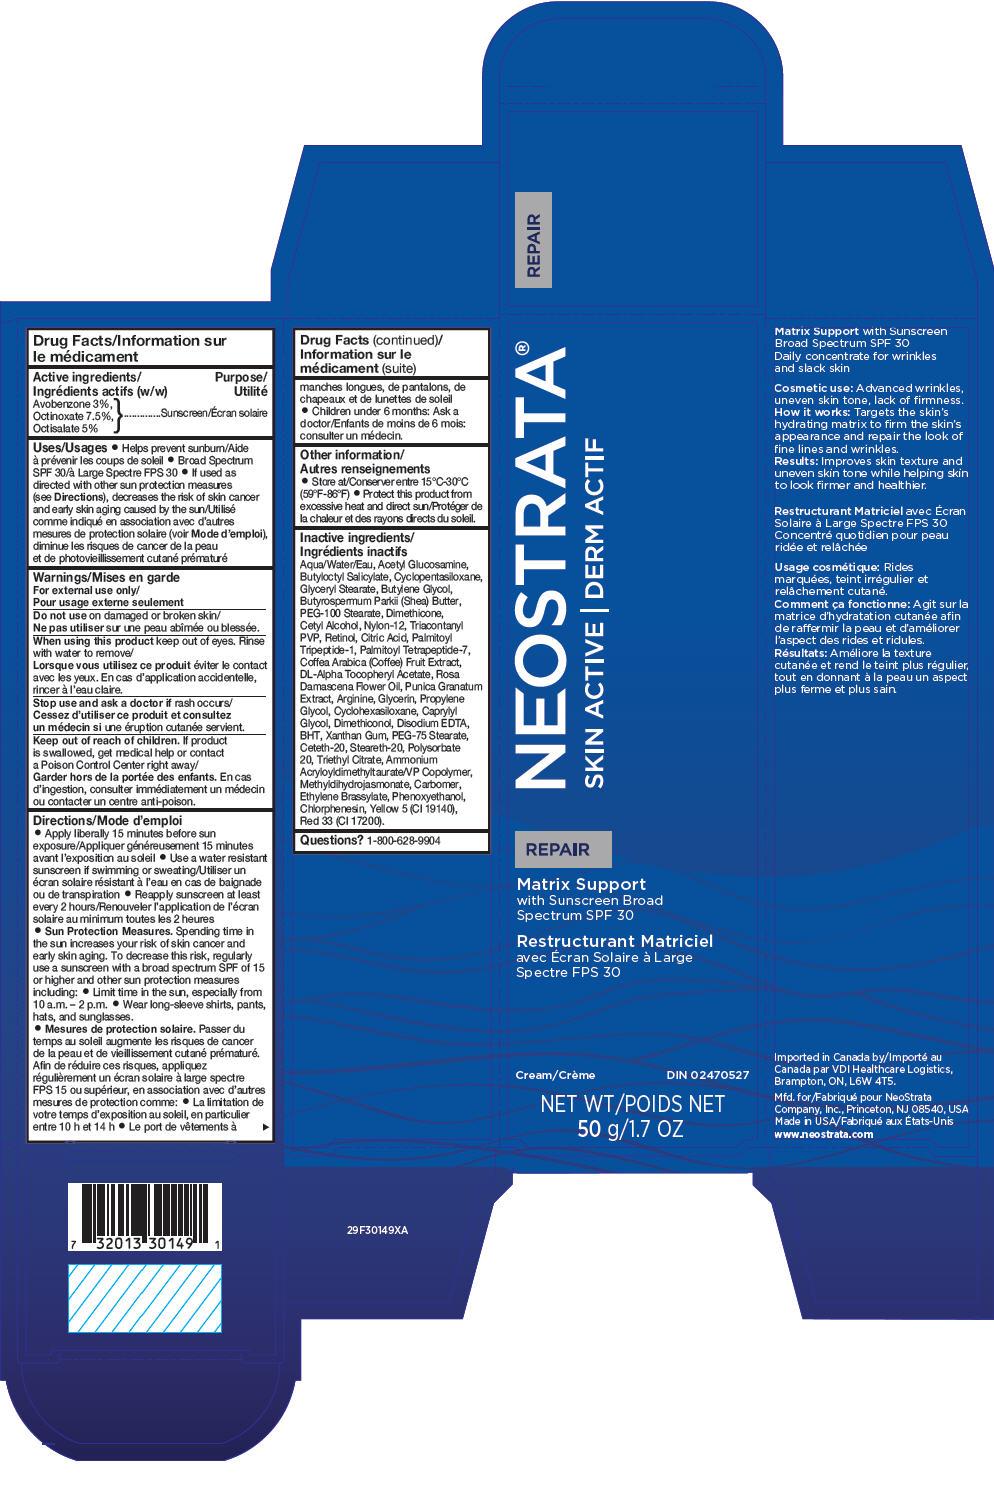 Neostrata Skin Active Matrix Support Spf 30 (Avobenzone, Octinoxate, And Octisalate) Cream [Neostrata Company Inc.]